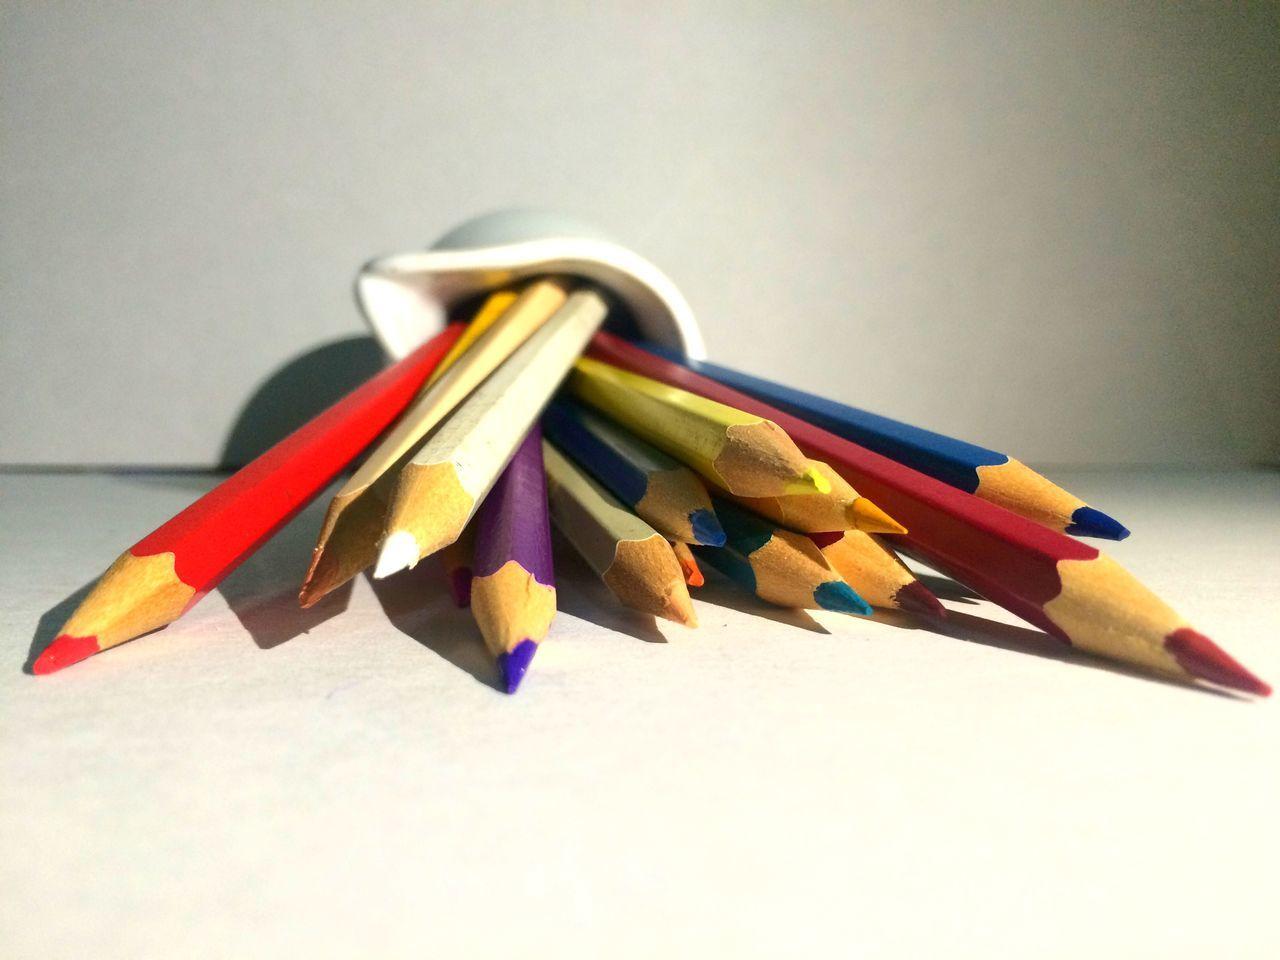 Beautiful stock photos of pencil, Art And Craft, Art And Craft Product, Art Product, Choice